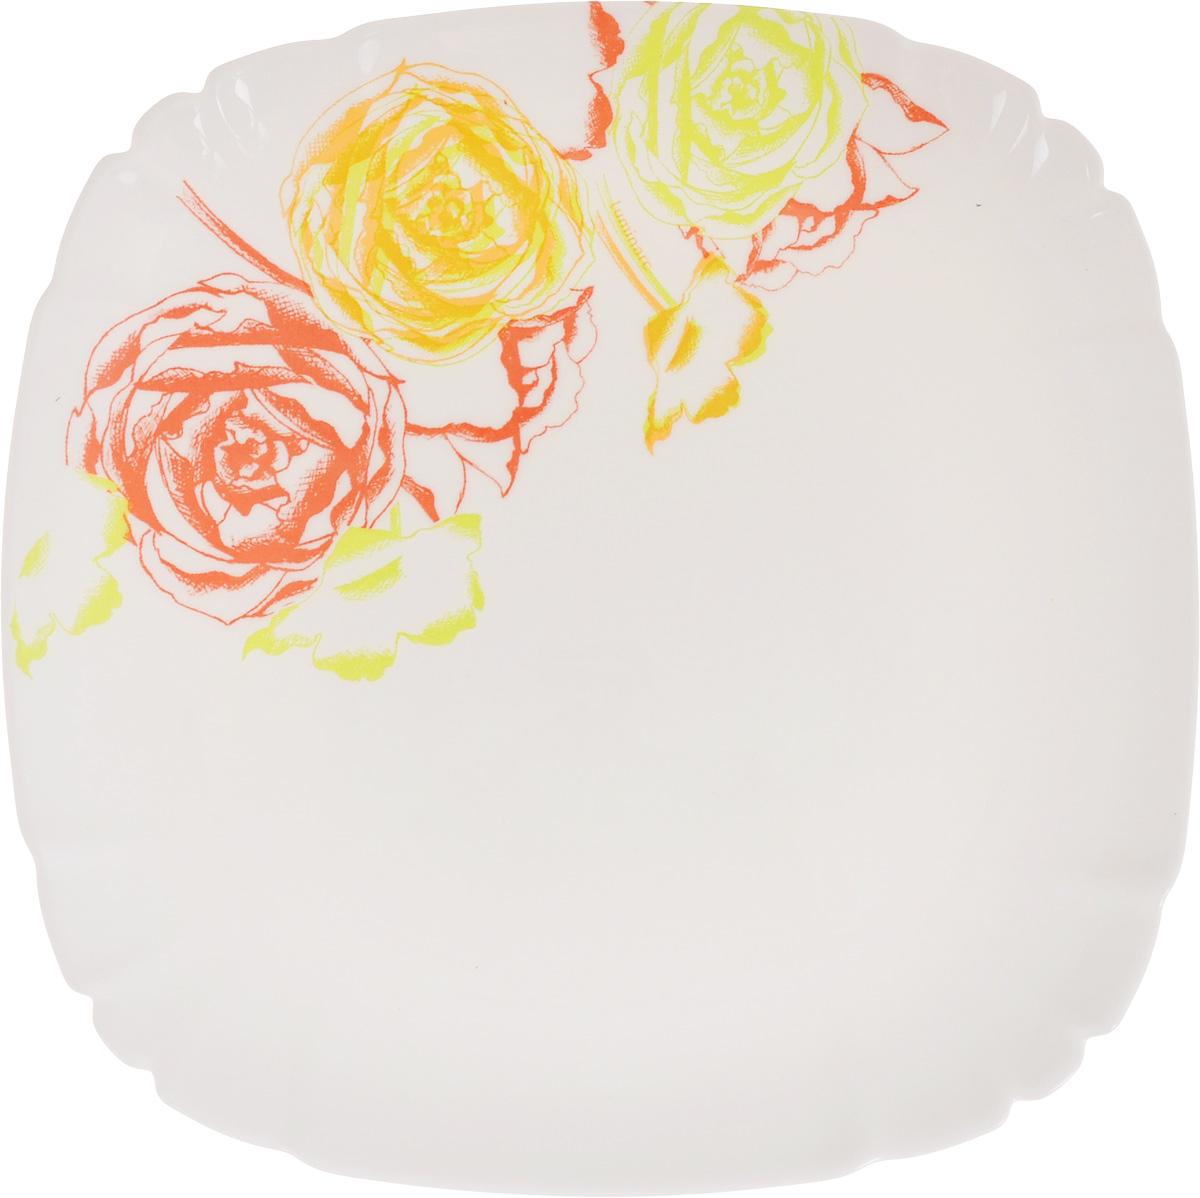 Тарелка десертная Luminarc Amaria, 21 х 21 см54 009312Квадратная десертная тарелка Luminarc Amaria, изготовленная изударопрочного стекла, декорирована изображением цветов. Такая тарелка прекрасно подходит как дляторжественных случаев, так и для повседневногоиспользования. Идеальна для подачи десертов, пирожных, тортов имногого другого. Она прекрасно оформит стол и станетотличным дополнением к вашей коллекции кухоннойпосуды. Размеры тарелки (по верхнему краю): 21 х 21 см. Высота тарелки: 1 см.